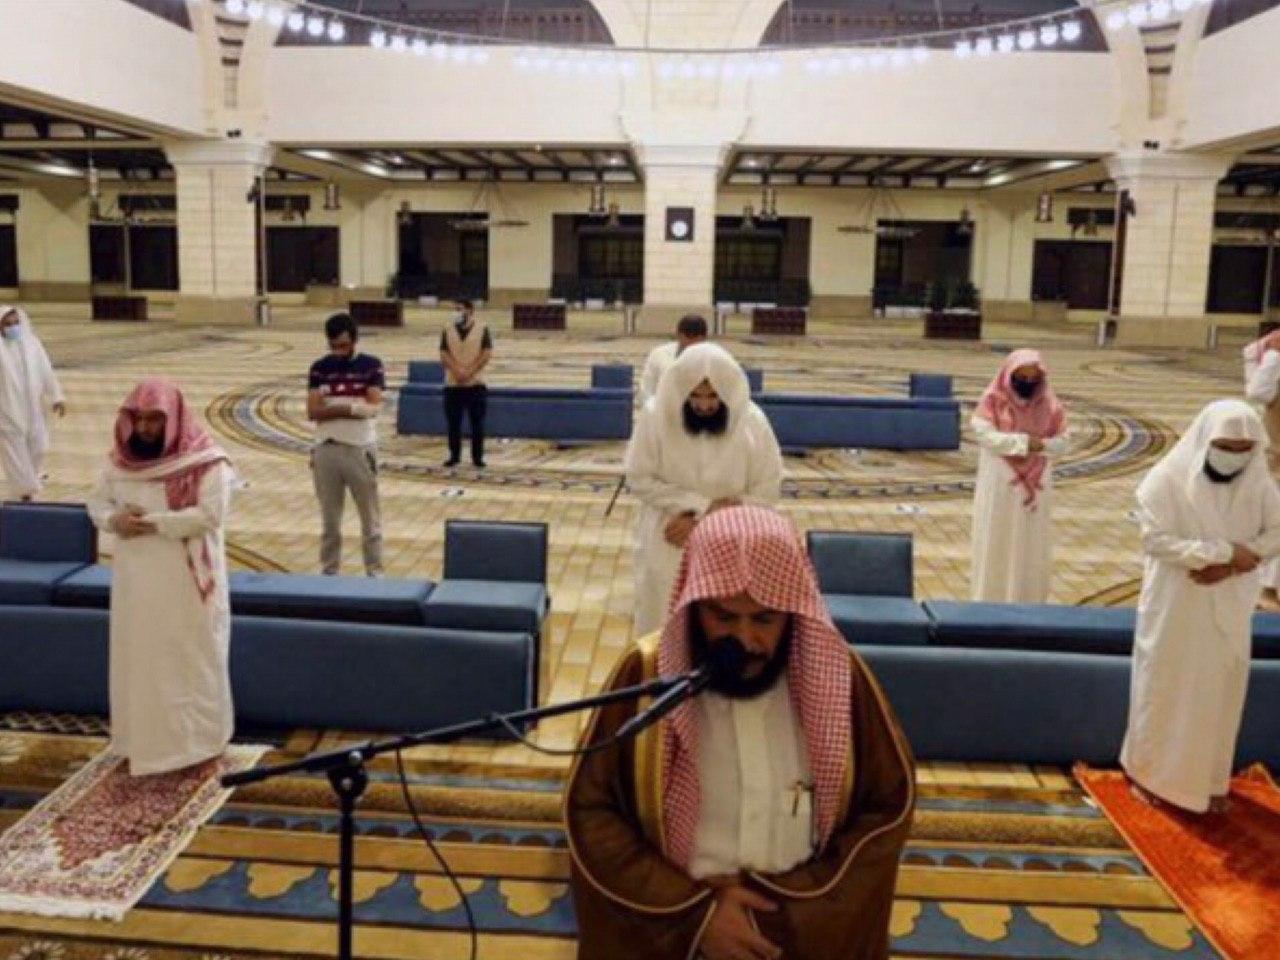 السعودية تعلق الدخول إلى أراضيها لأغراض العمرة وزيارة المسجد ...